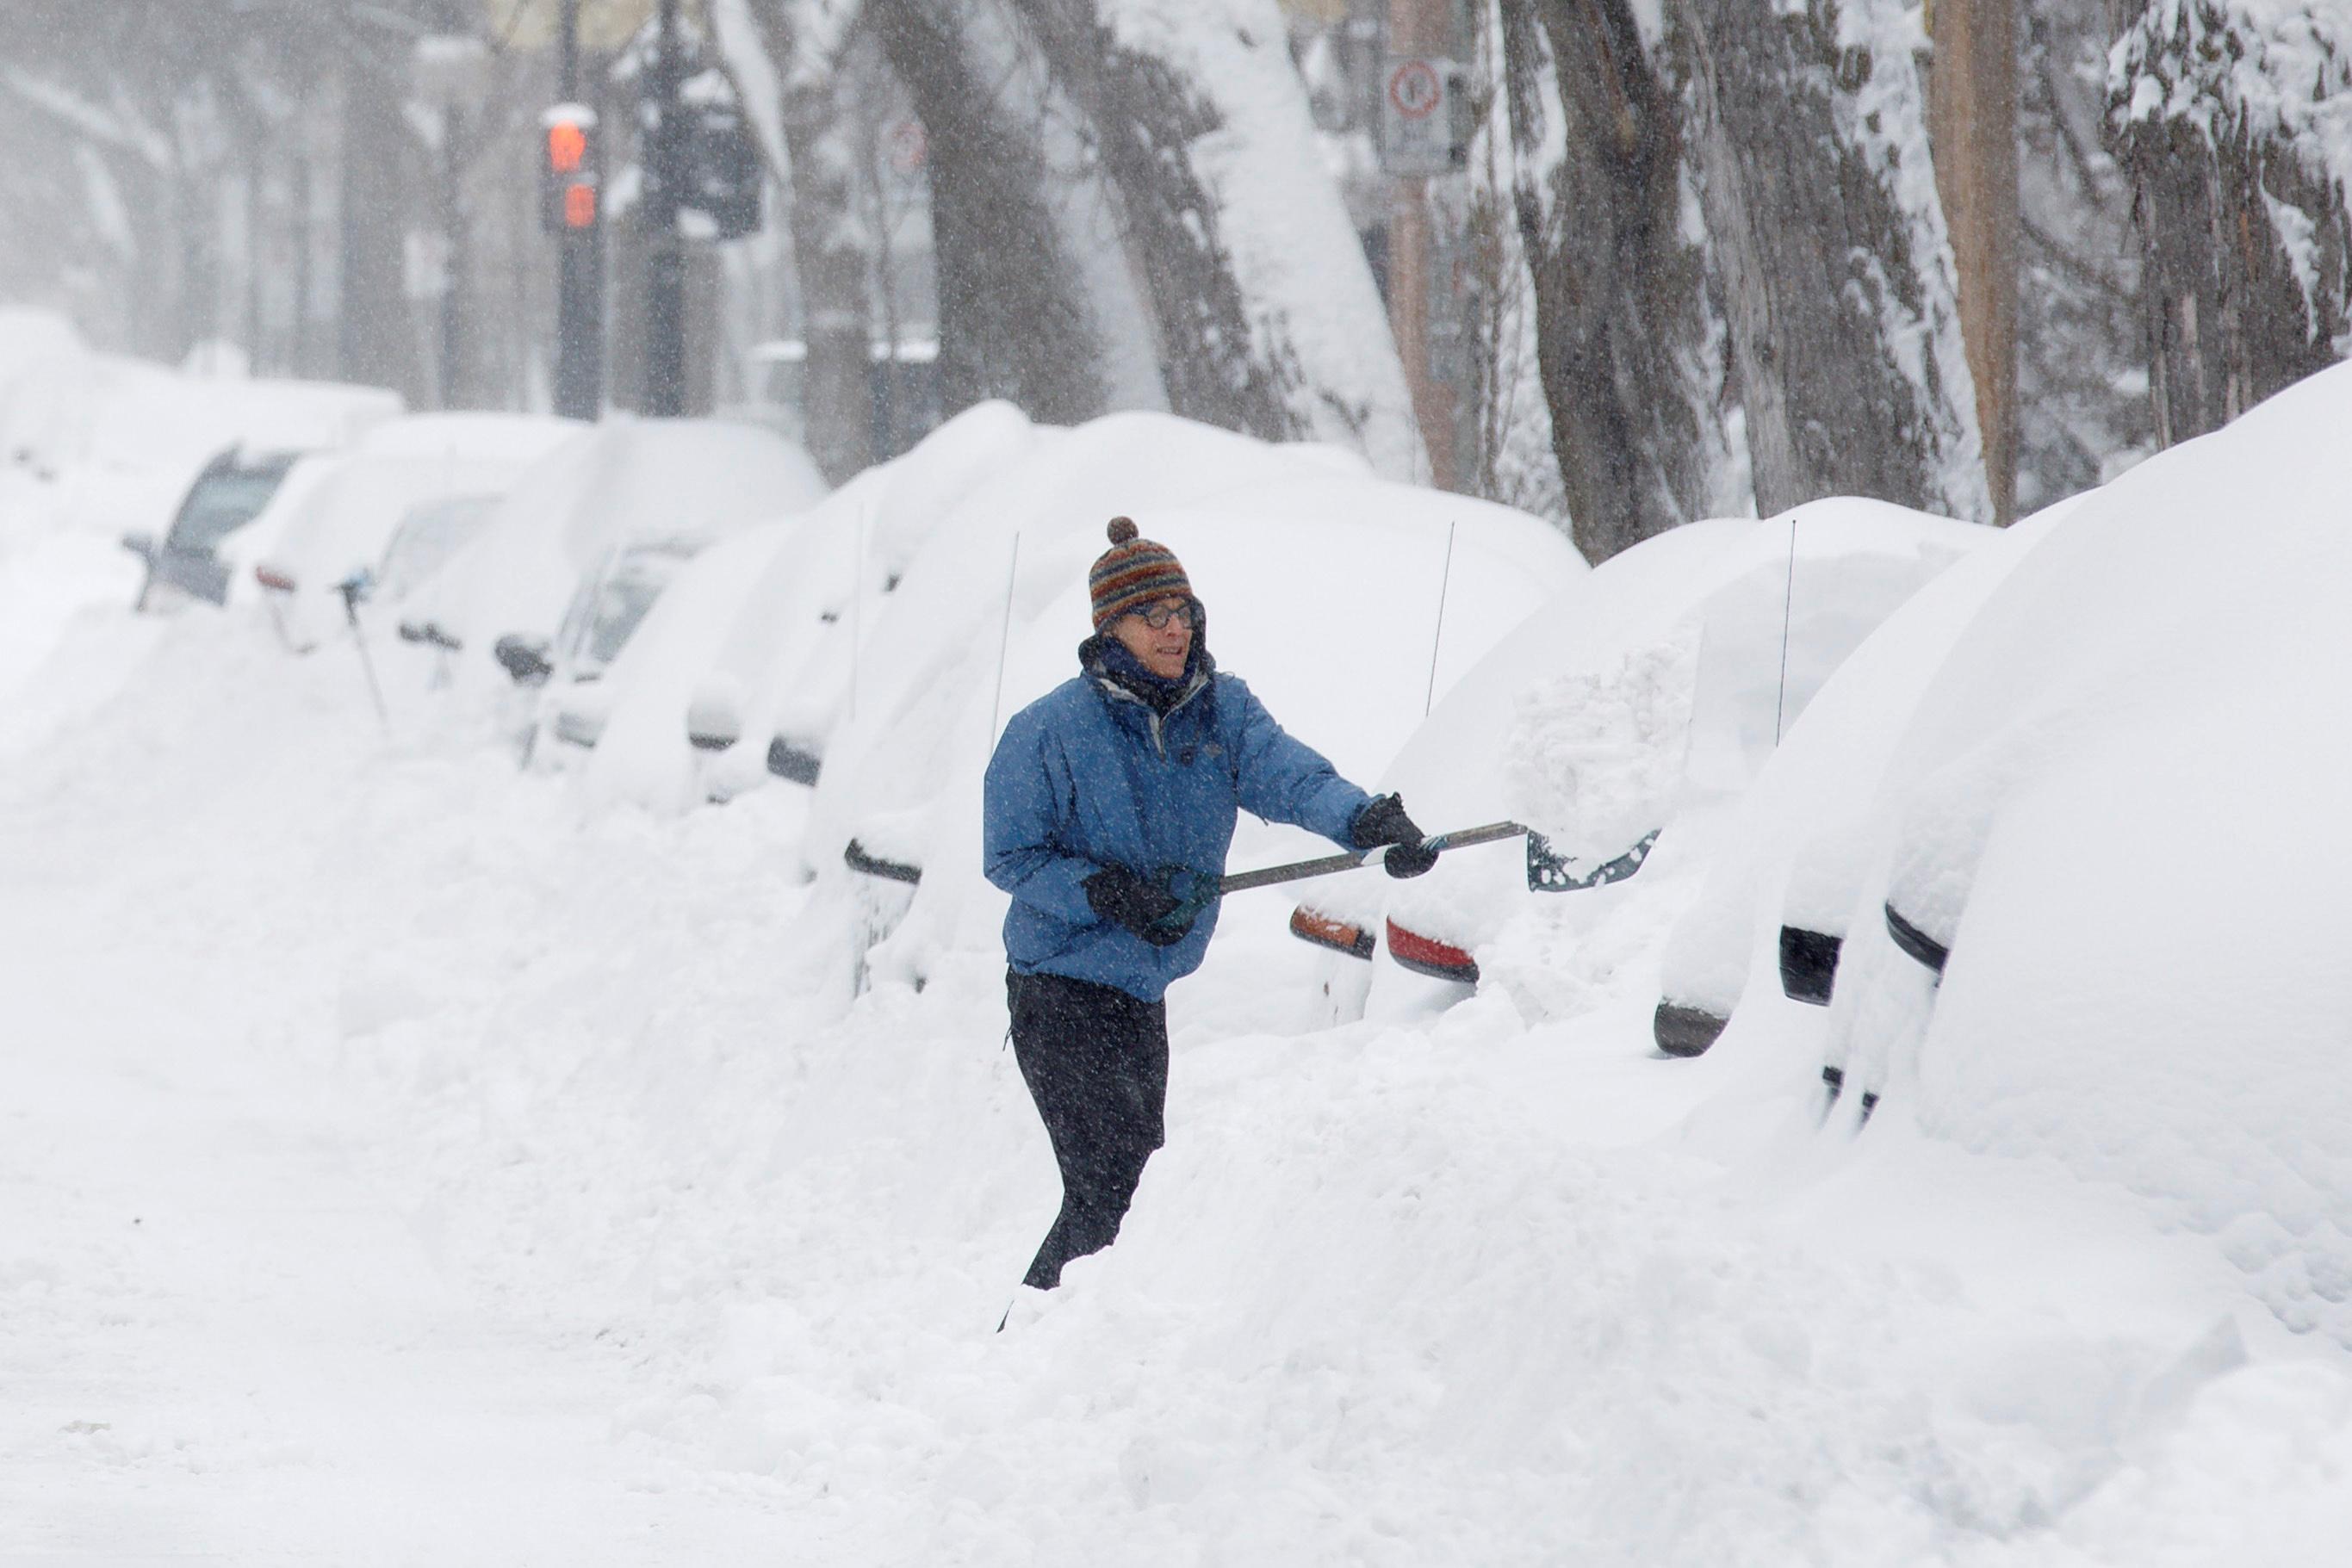 سيّدة ترفع الثلوج عن سيّارتها بعد عاصفة ثلجيّة ضربت مدينة كيبيك في 15-03-2017/REUTERS/Dario Ayala TPX IMAGES OF THE DAY